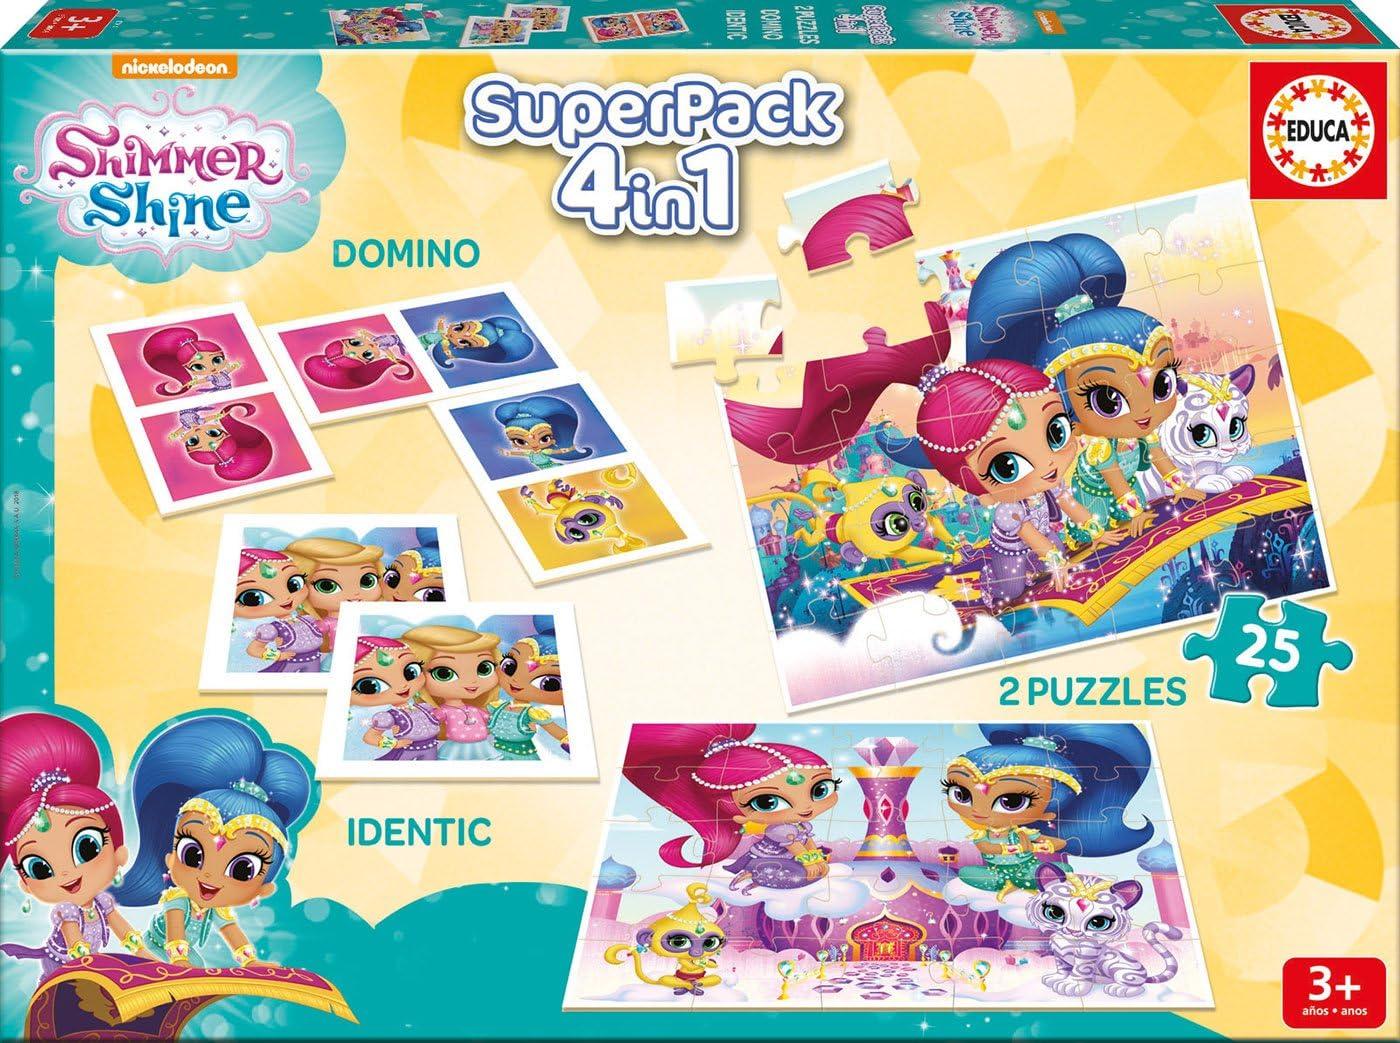 Educa Borrás- Shimmer&Shine Superpack 4 Juegos en 1 Shimmer and Shine Mesa, Multicolor (17714): Amazon.es: Juguetes y juegos